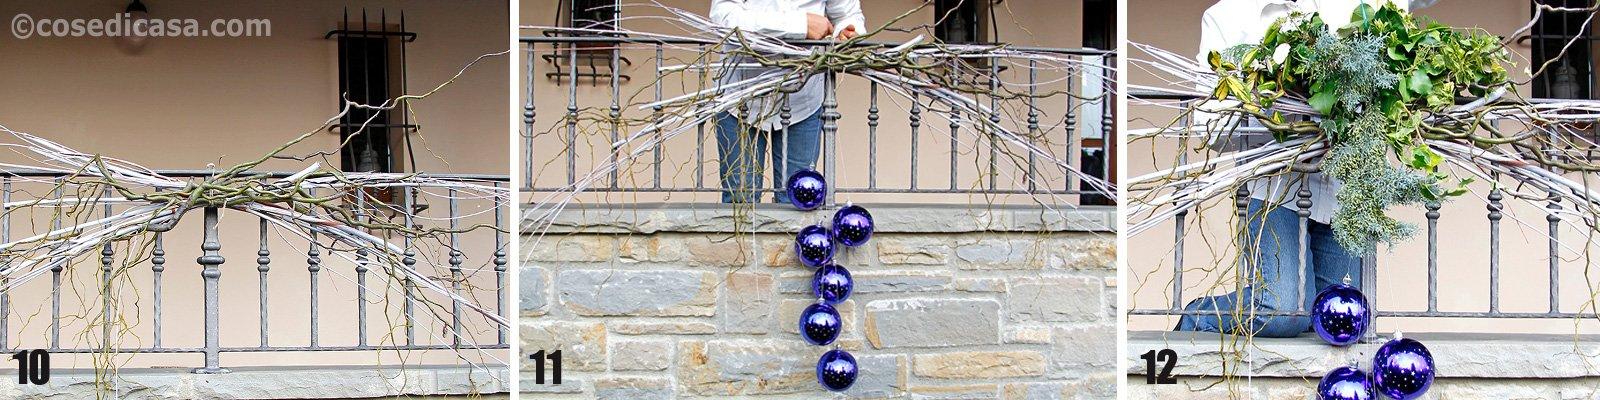 Decorazioni Natalizie Balconi.Decorazione Natalizia Per Il Balcone Rametti Palle Candele Cose Di Casa